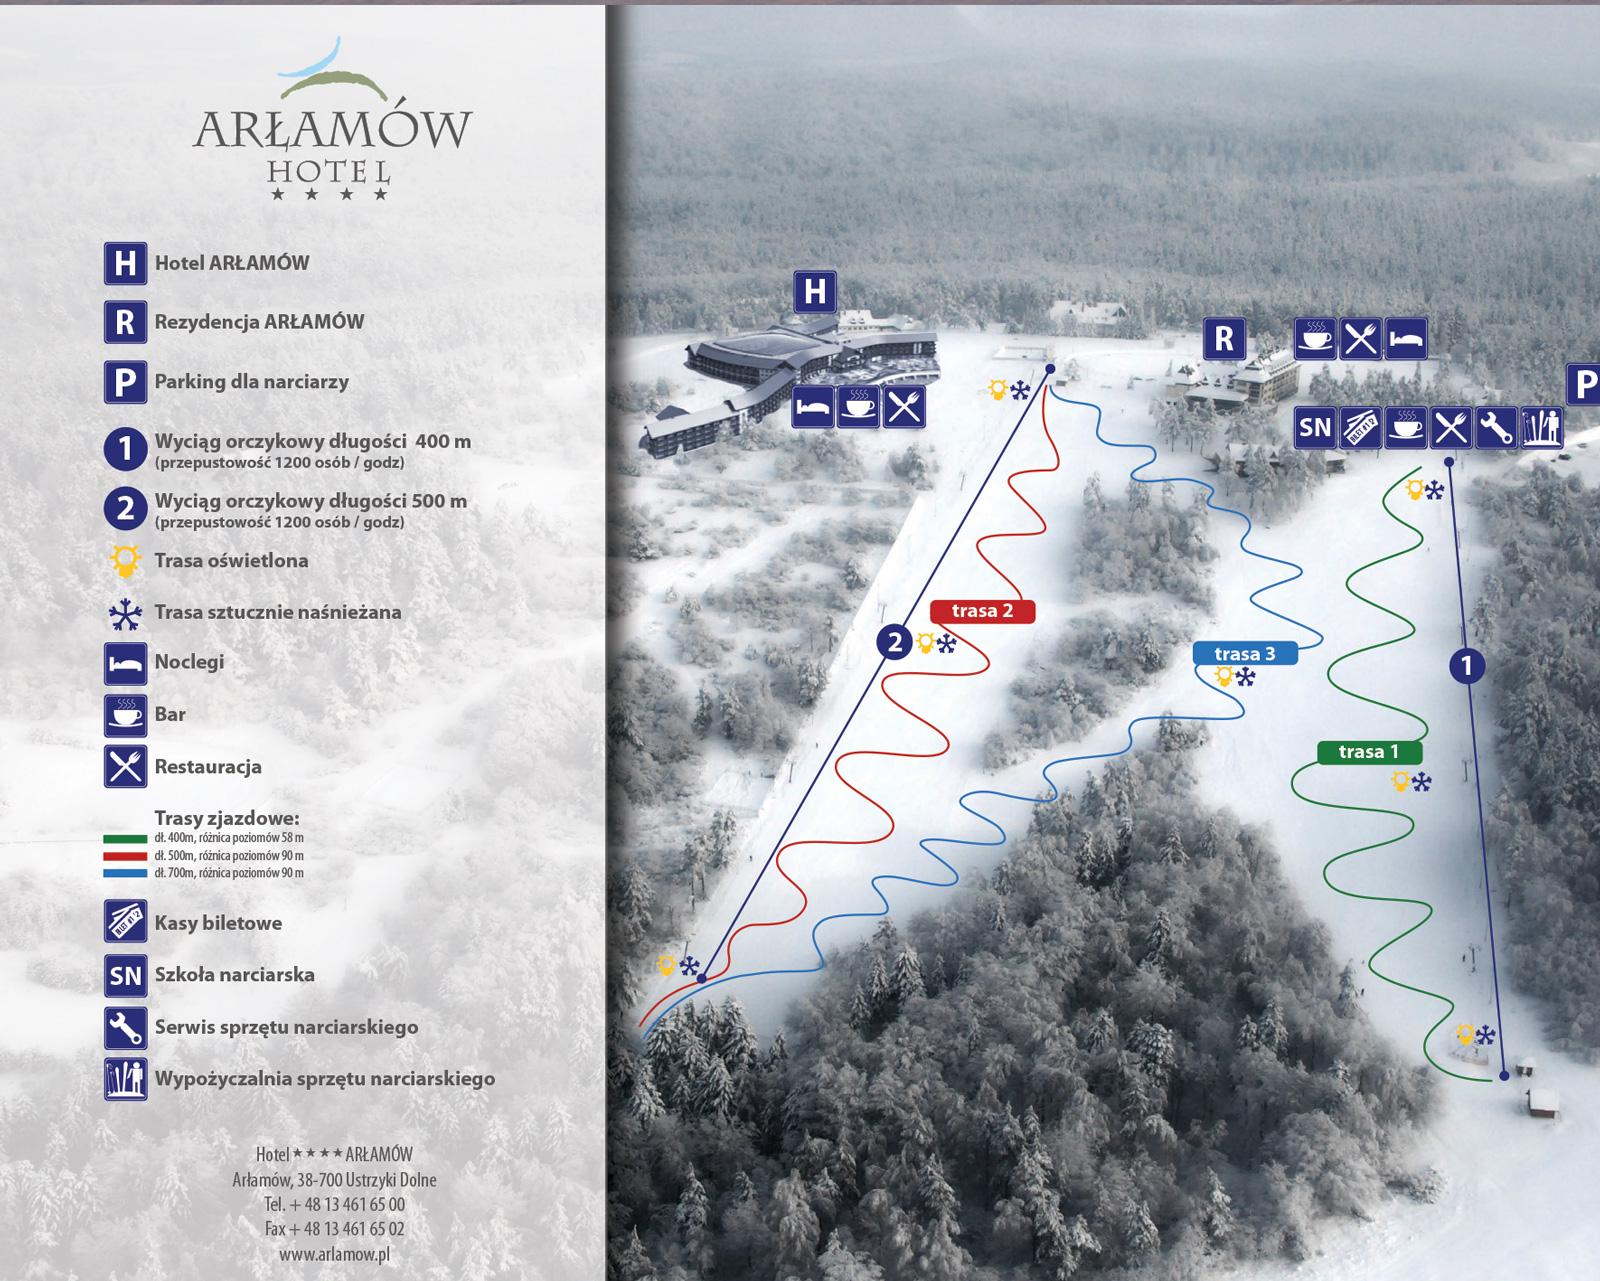 mapa Arlamow2014